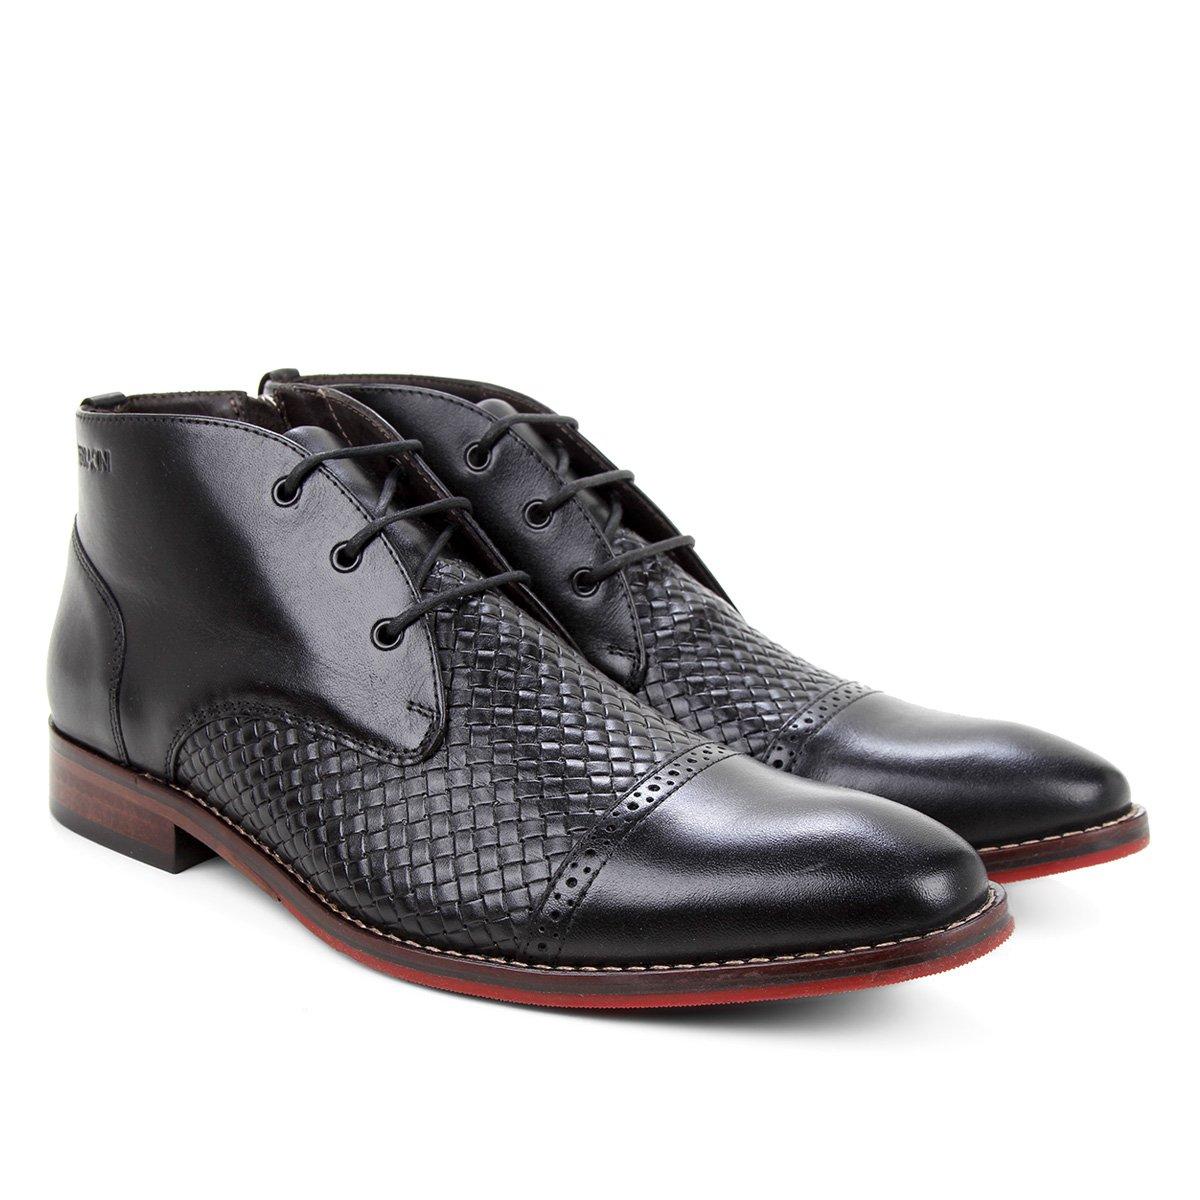 Sapato Social Couro Ferracini Caravagio Croco Masculino